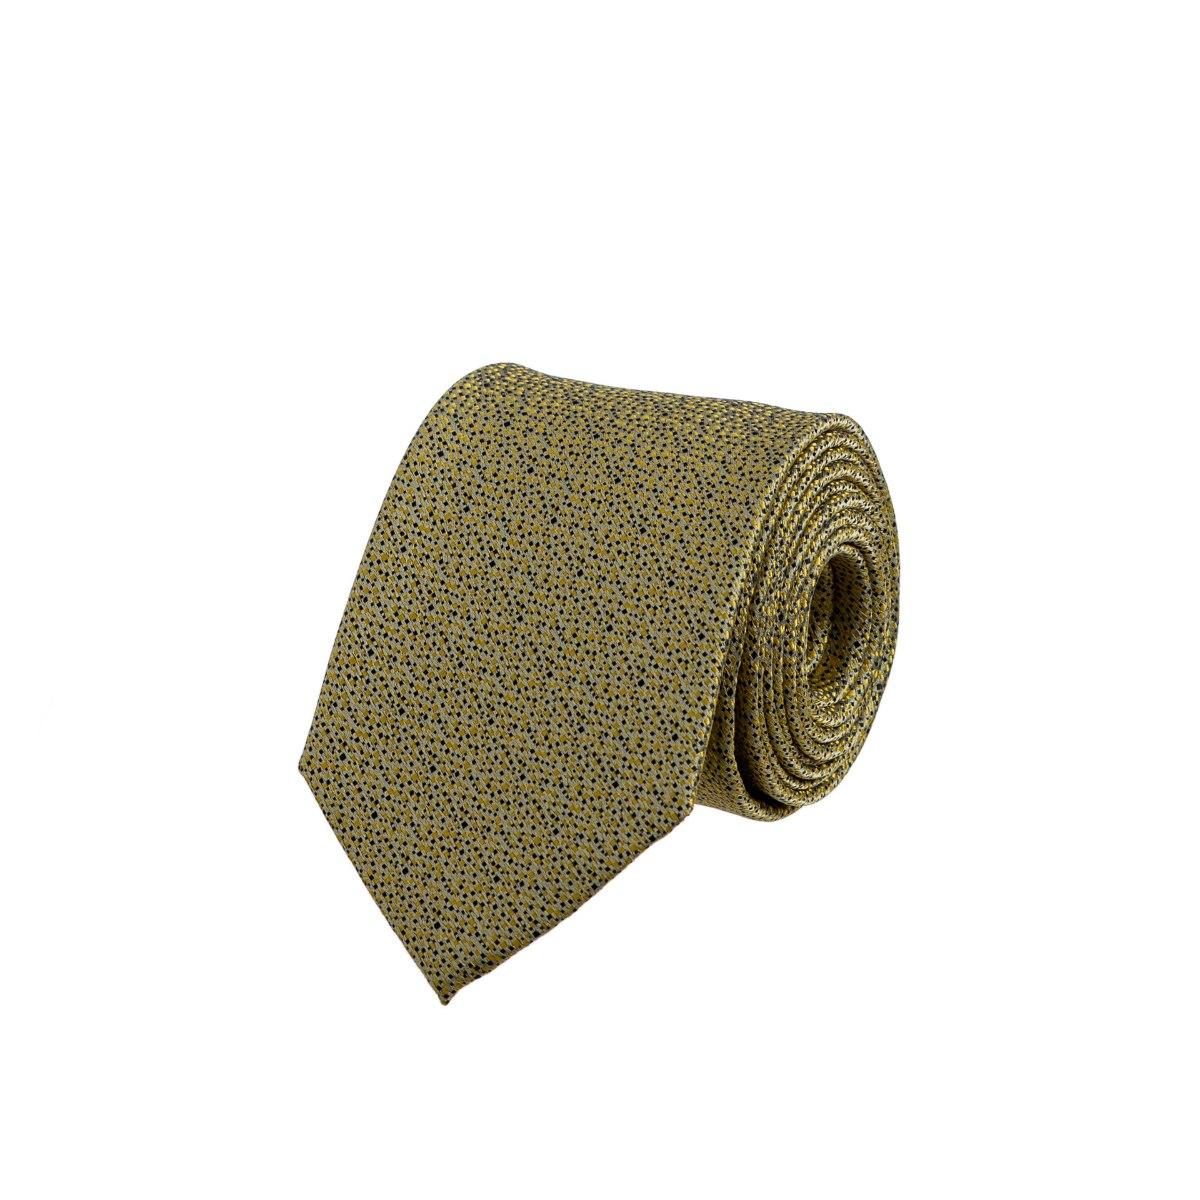 עניבה שלג צהוב - כחול